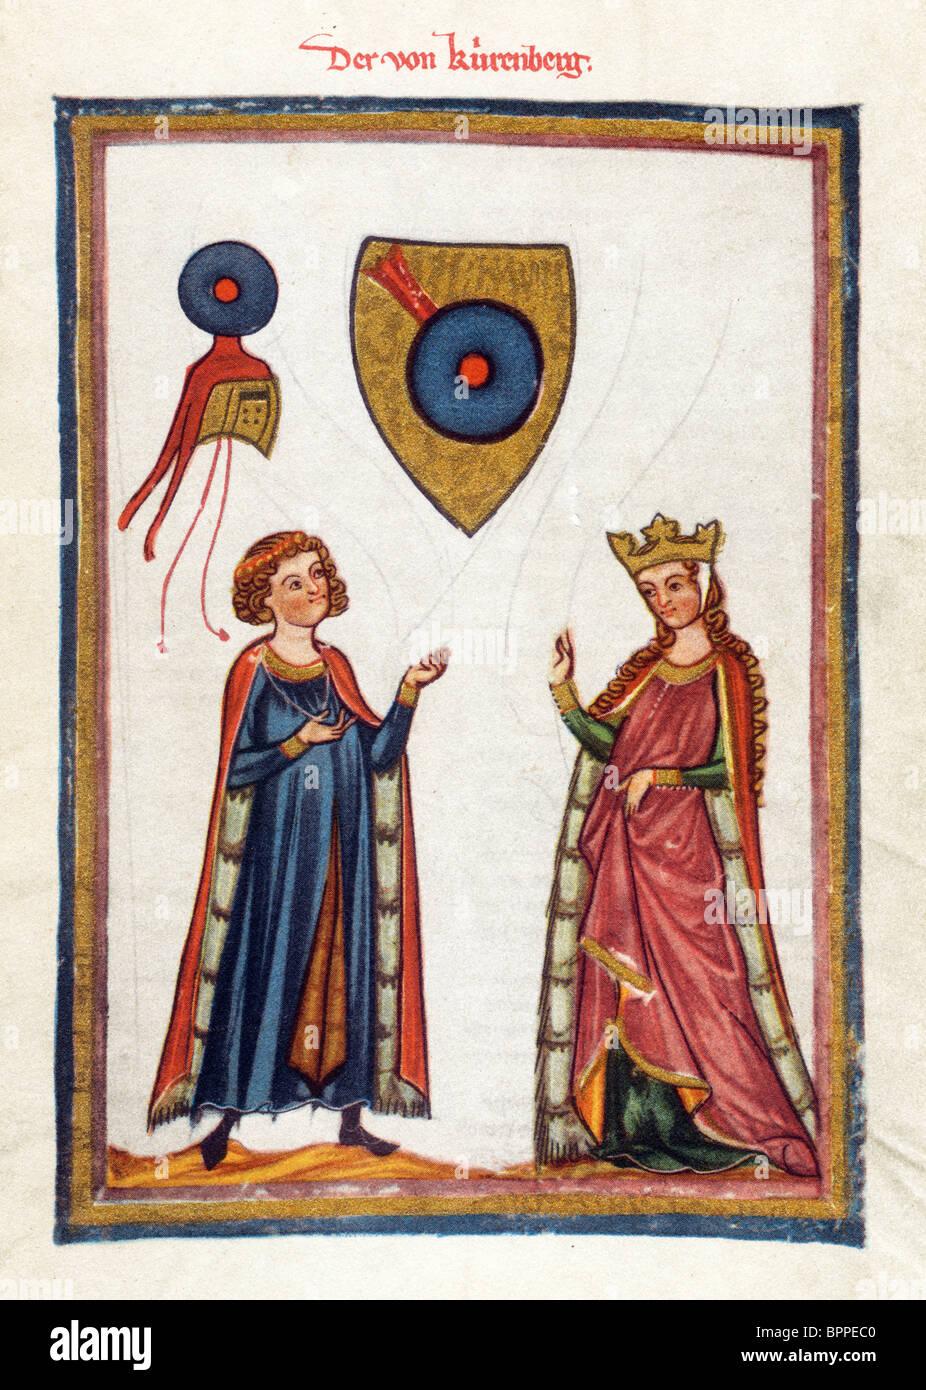 Beleuchtung aus dem 14. Jahrhundert Codex Manesse; Österreichische Dichter Der Von Kürenberg Stockbild